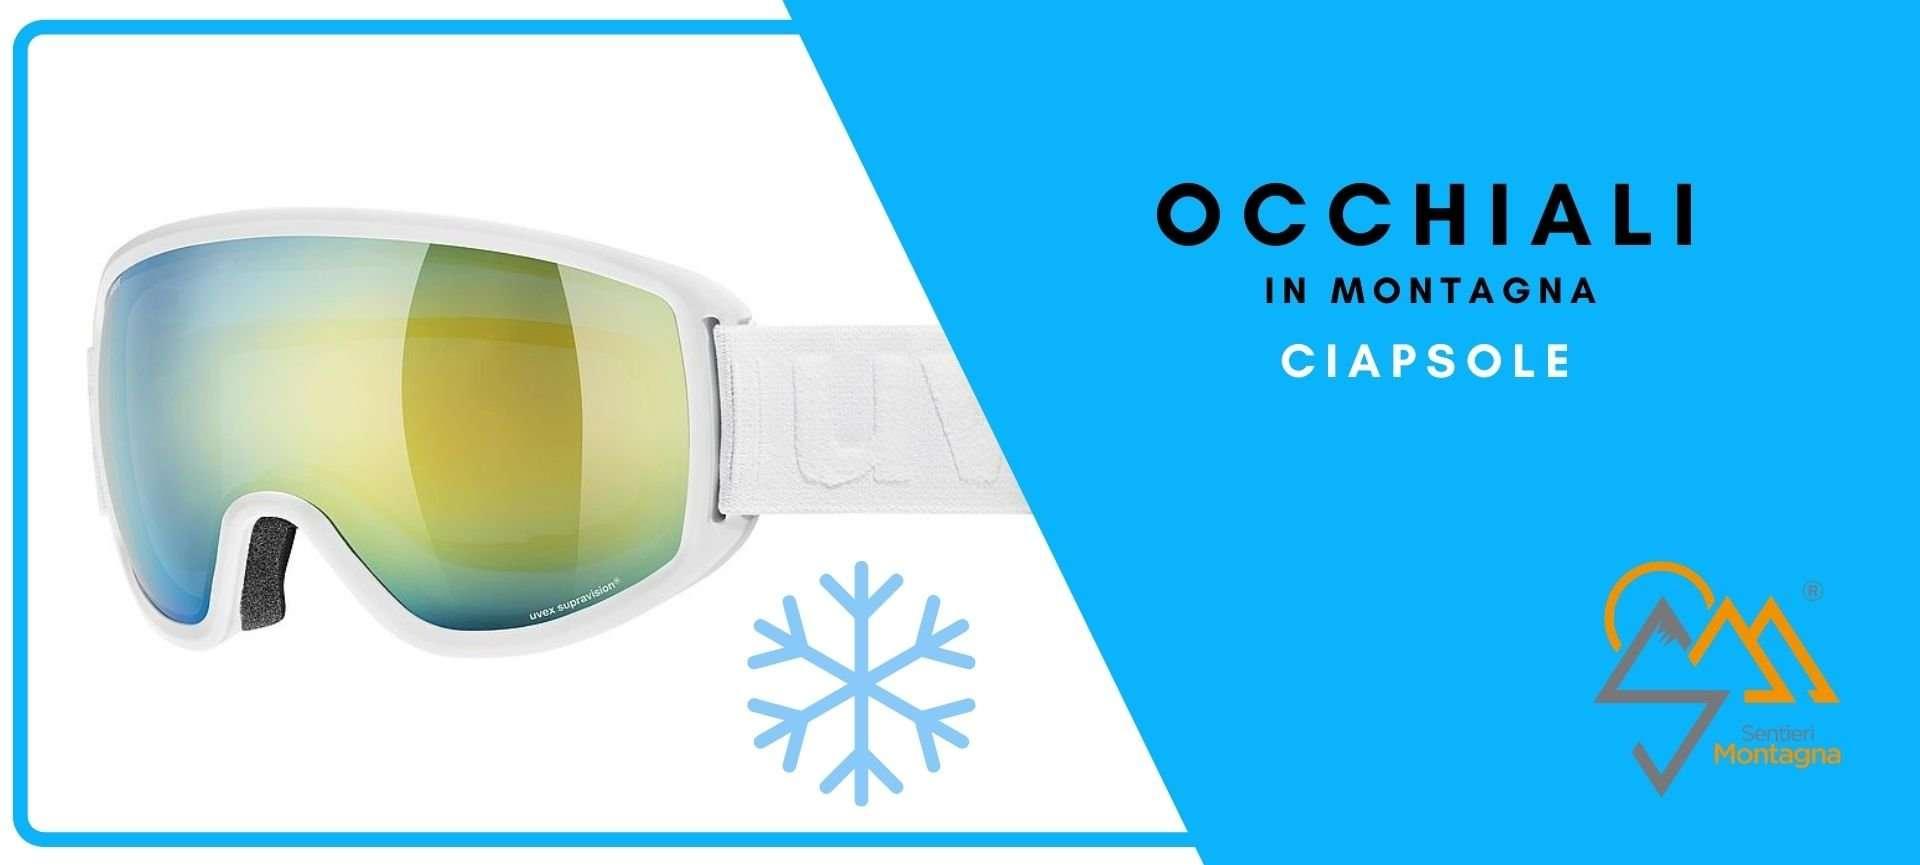 occhiali da montagna ciaspole